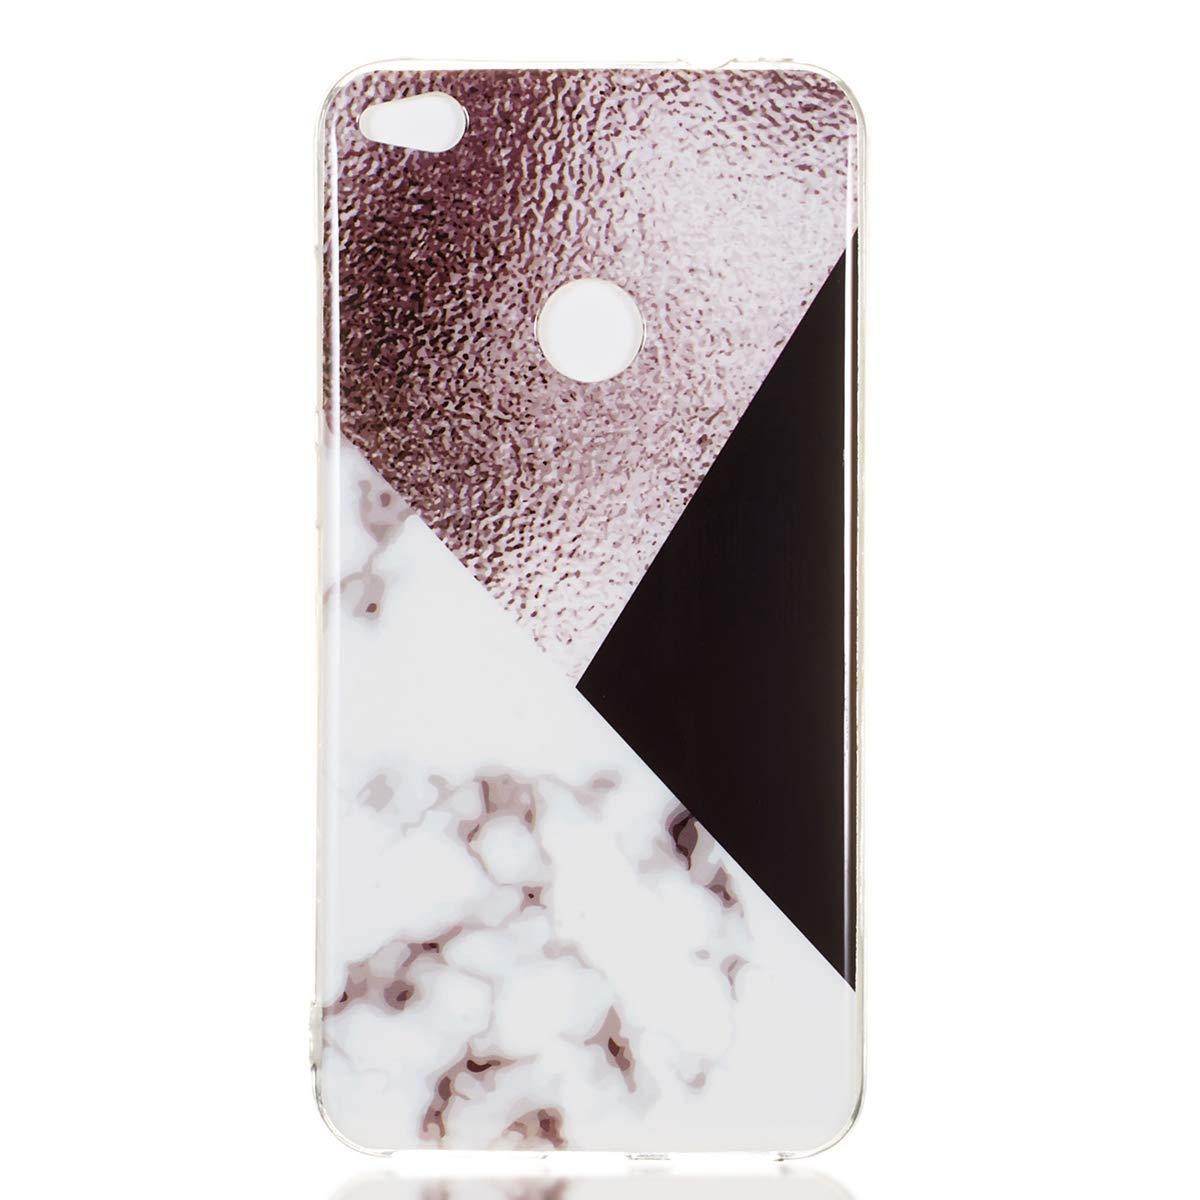 Misstars Marmor H/ülle f/ür Huawei P8 Lite 2017// P9 Lite 2017 Weich TPU Silikon Handyh/ülle mit IMD Technologie Schutzh/ülle Flexible D/ünn Backcover Bl/ätter